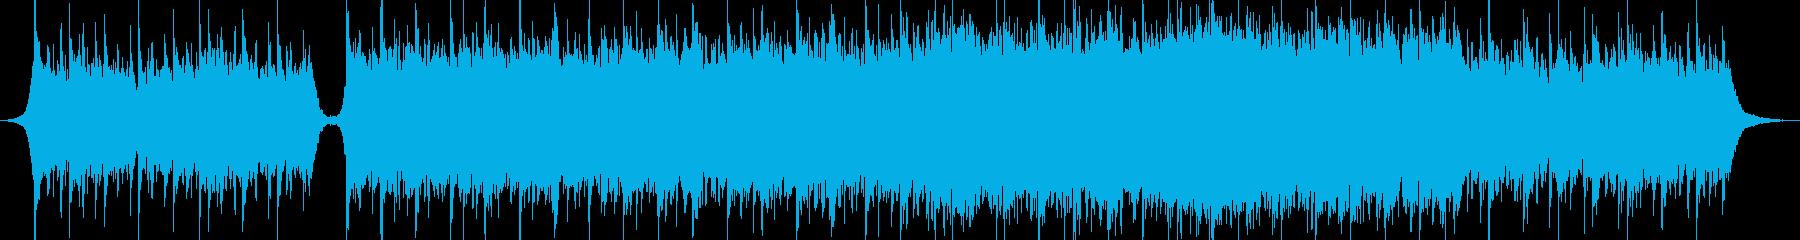 現代の交響曲 劇的な 素晴らしい ...の再生済みの波形